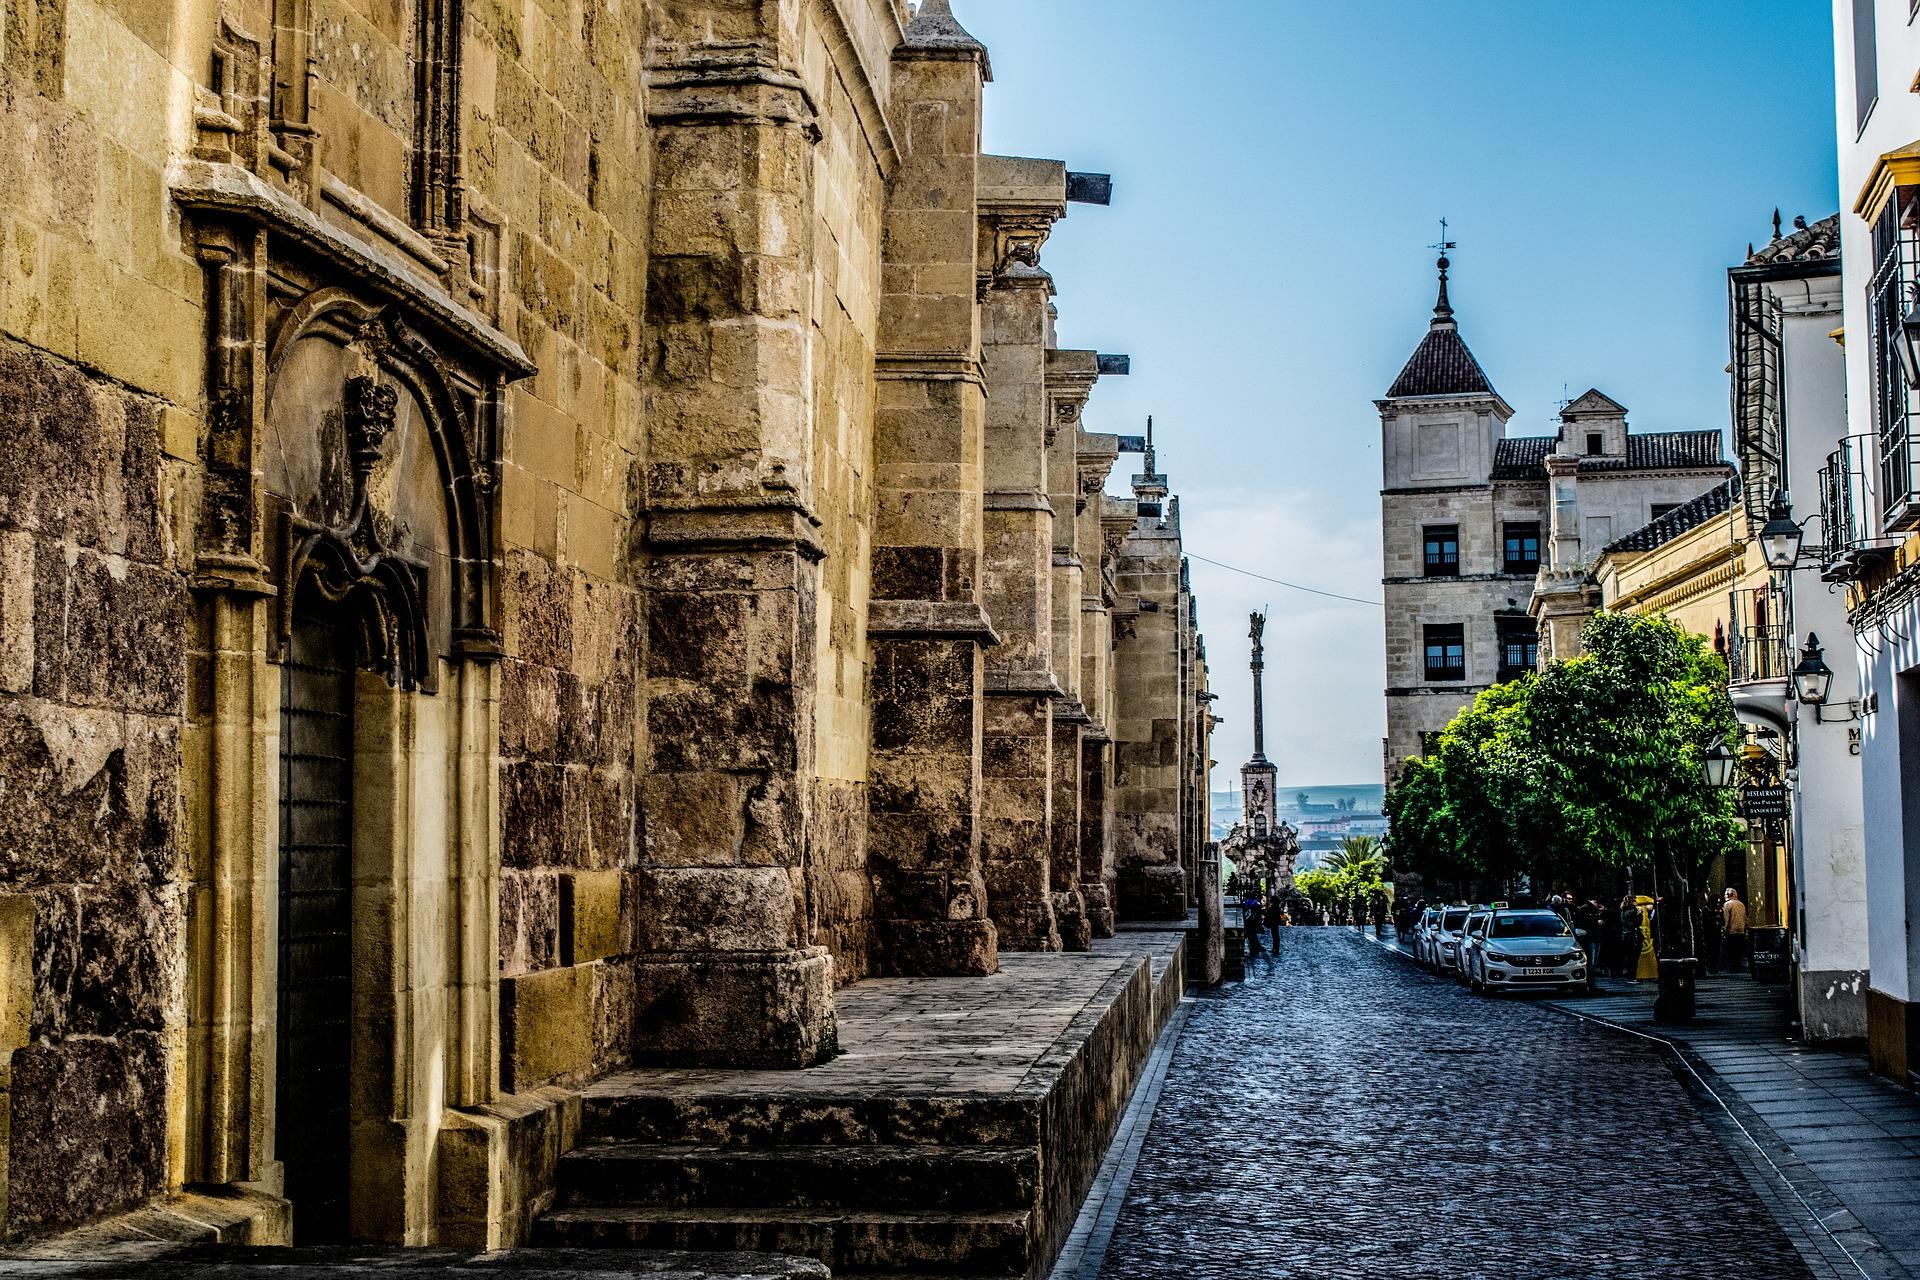 Las calles de Córdoba tienen un embrujo especial